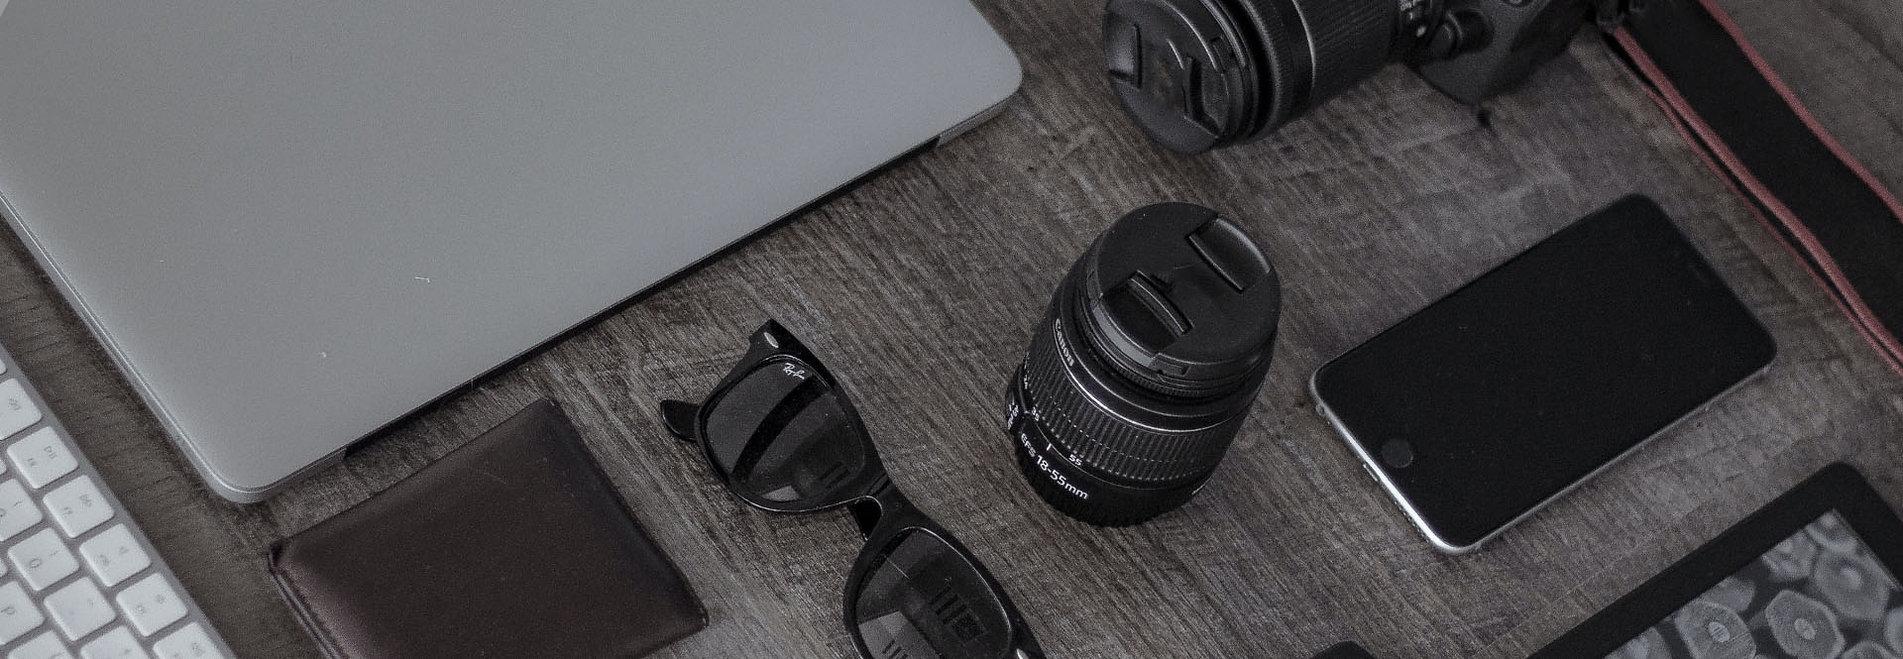 01-Desktop-Technology-Development.jpg